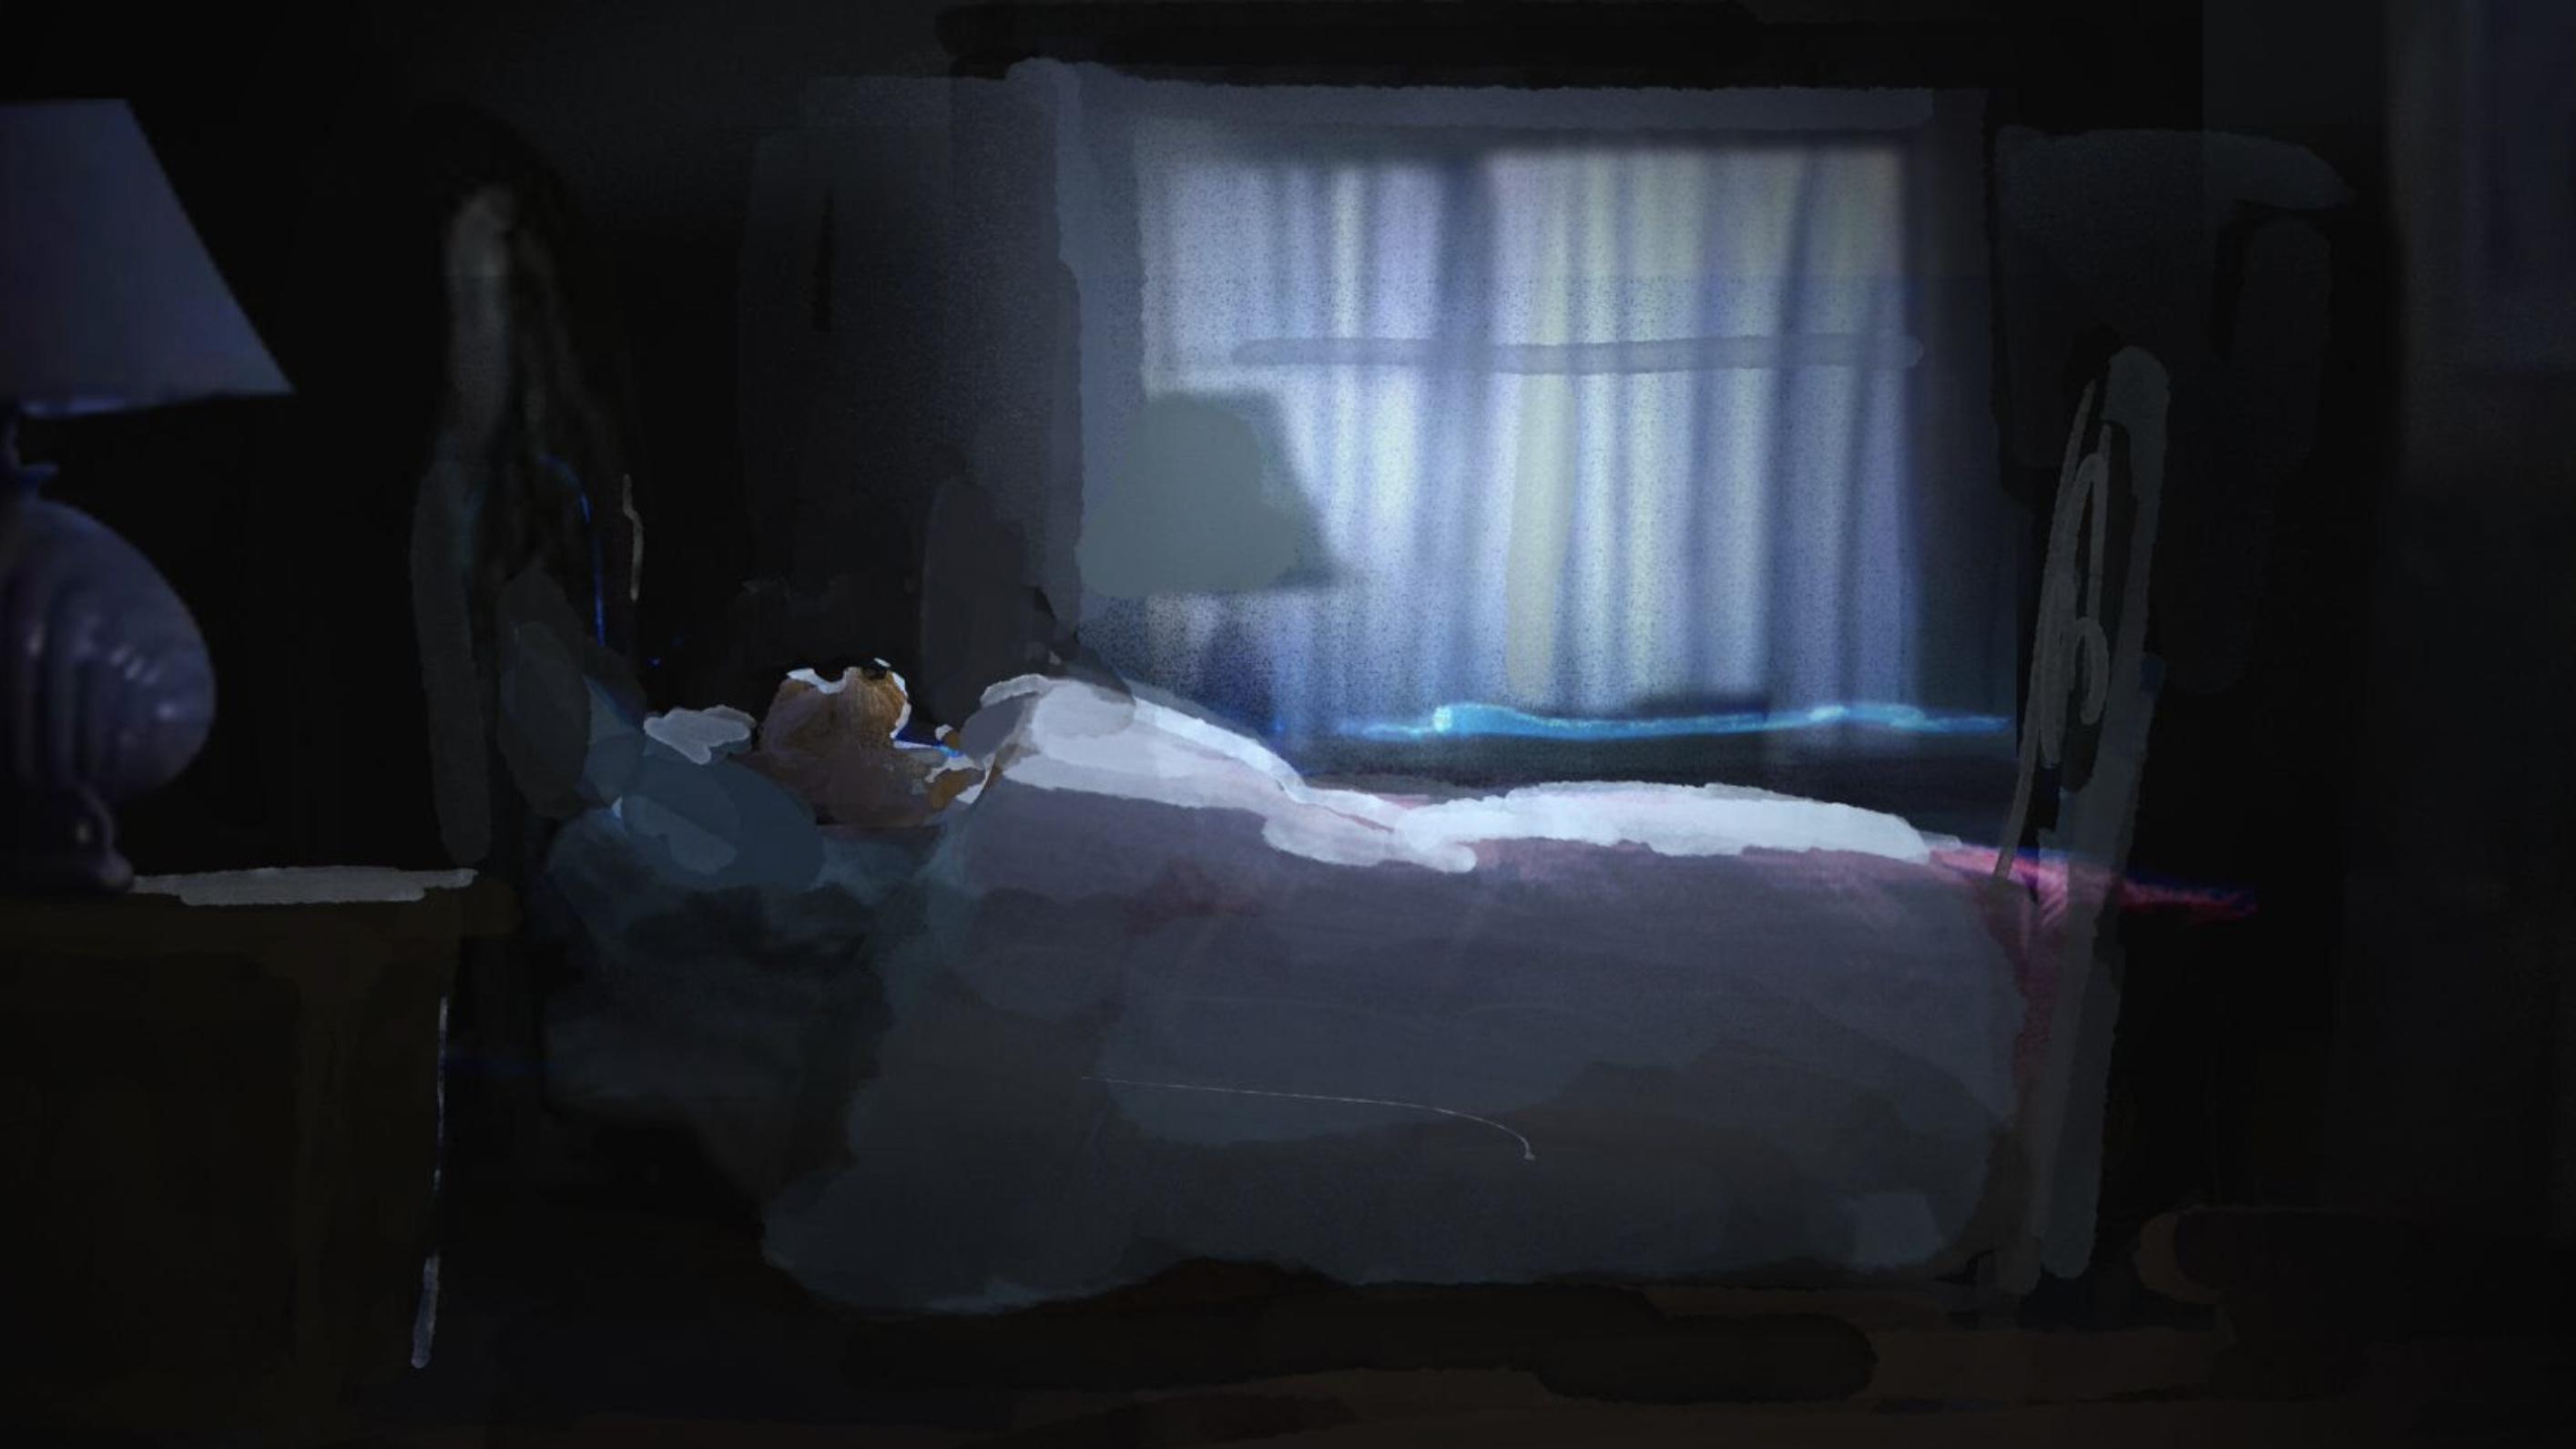 macmiller bedroomT01 sammason